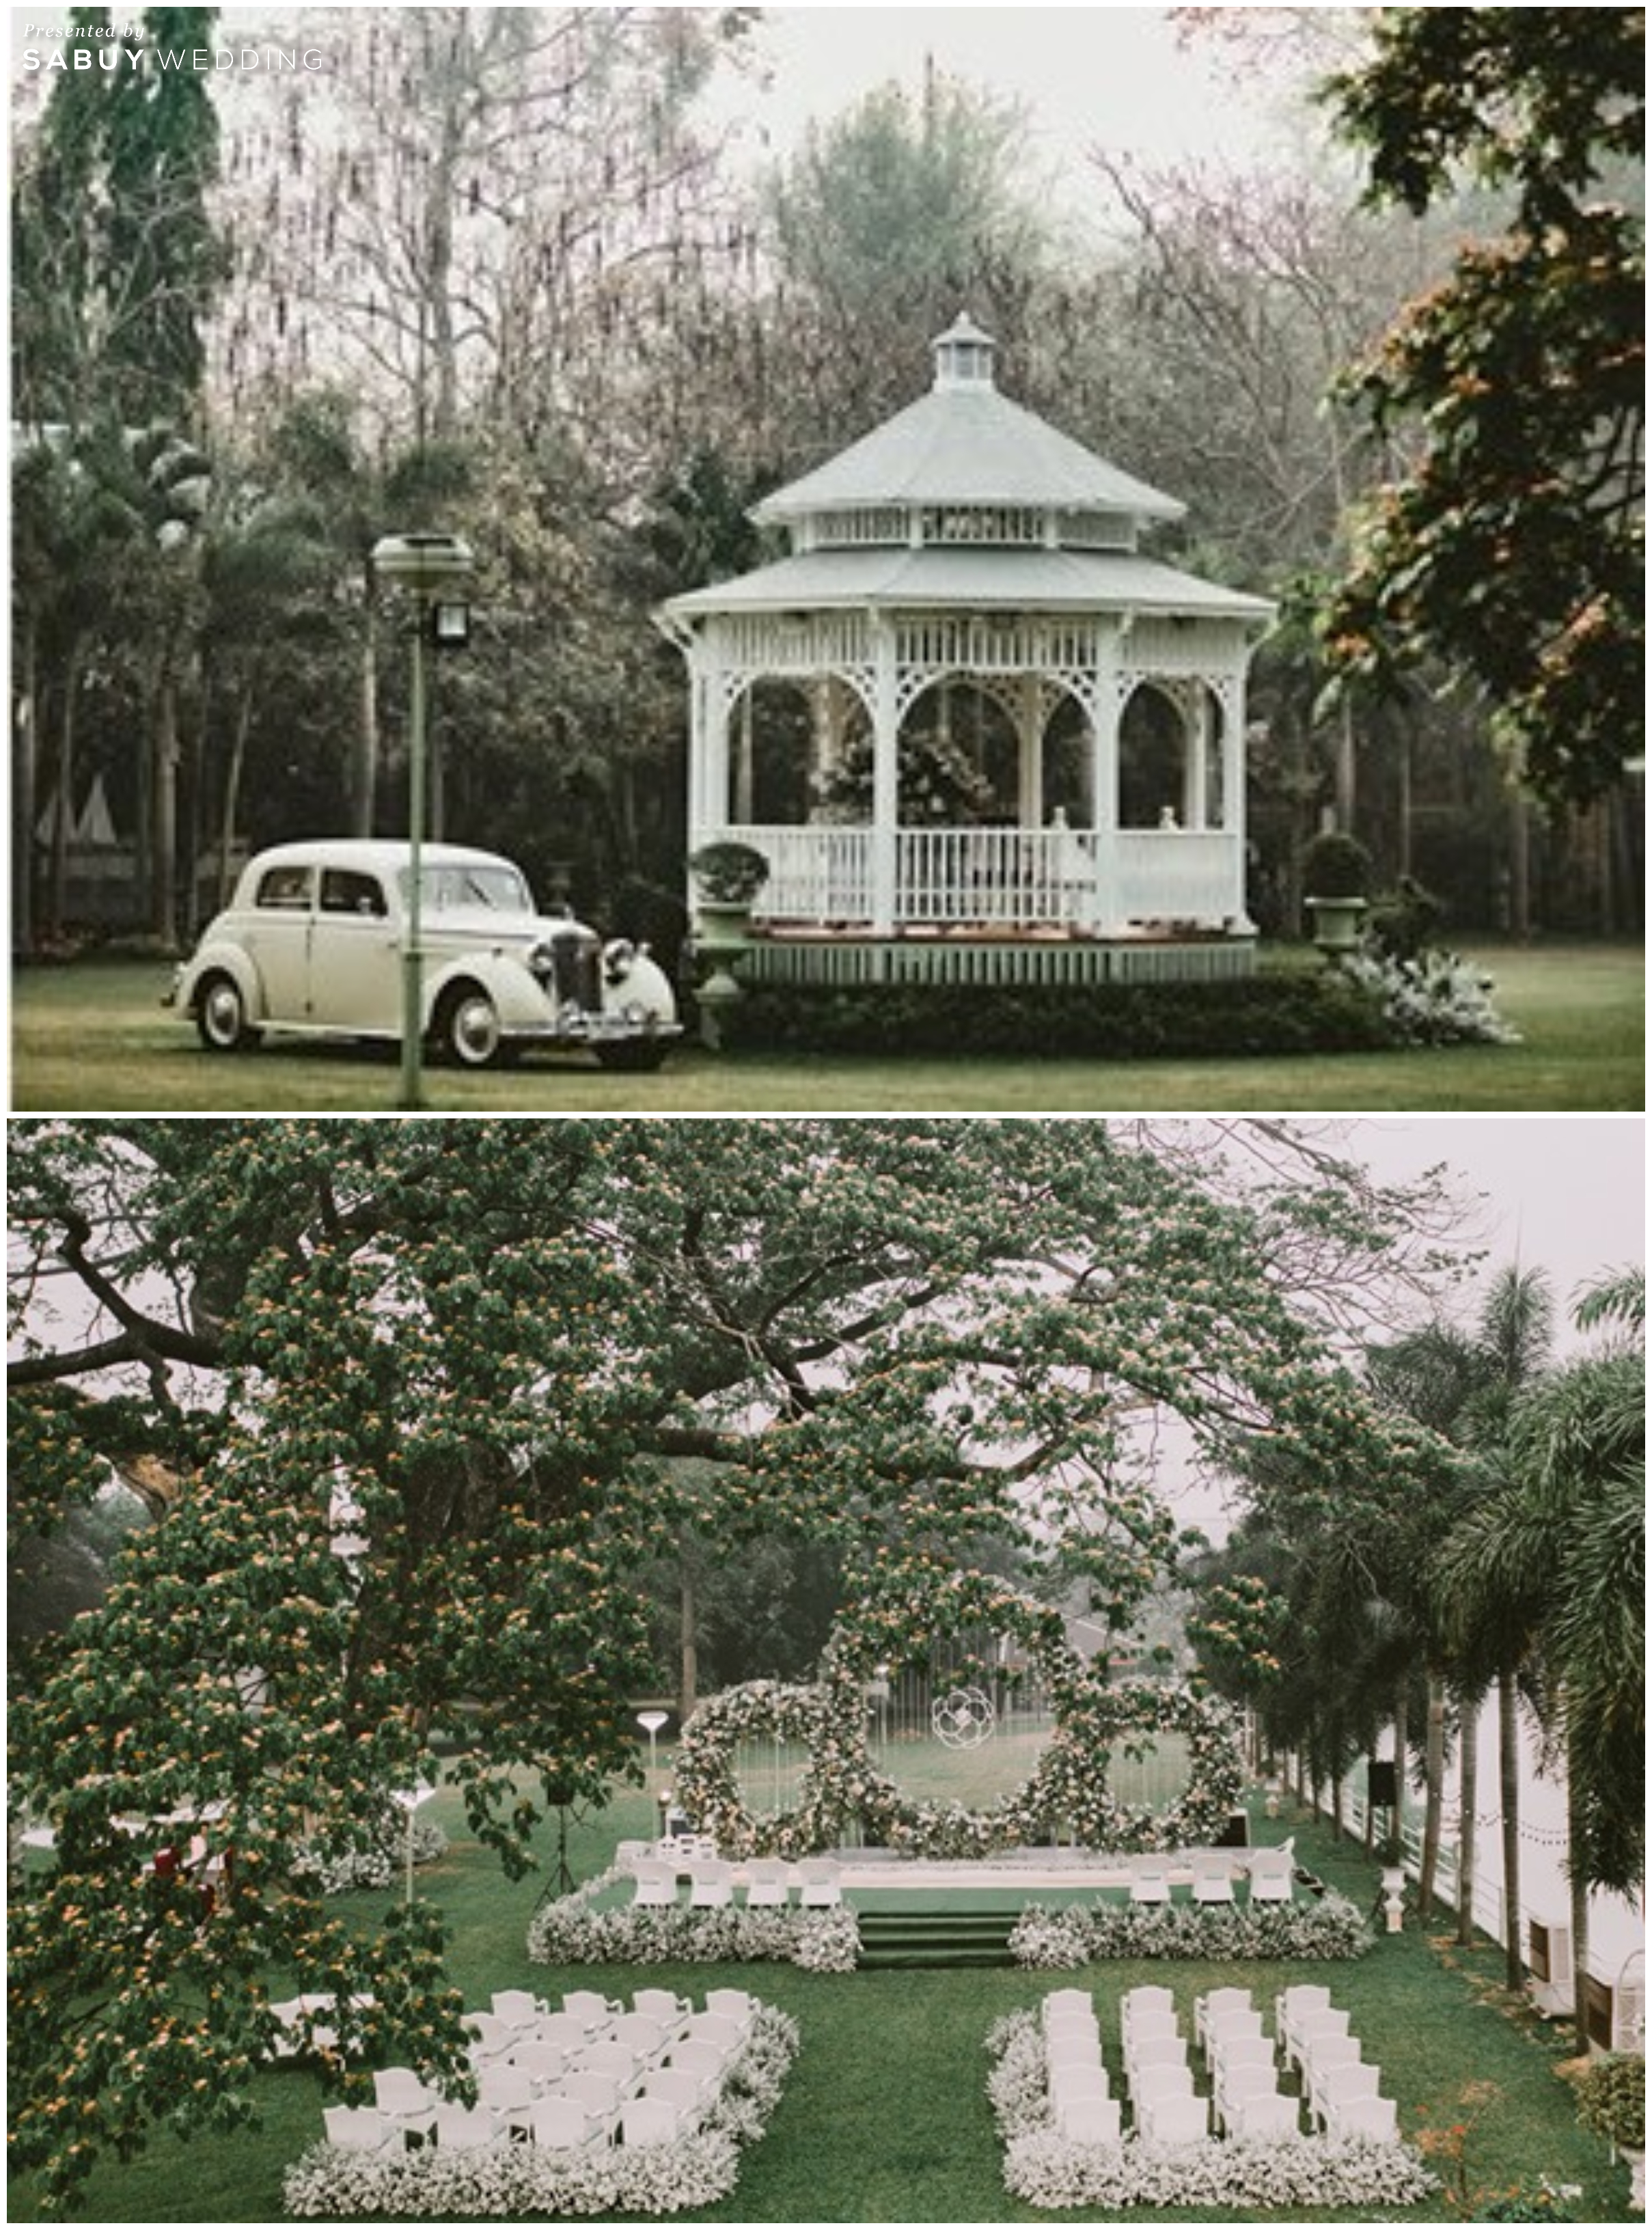 งานแต่งงาน,สถานที่แต่งงาน,งานแต่งในสวน,สถานที่แต่งงานเชียงใหม่,Loveindeed รีวิวงานแต่งสวนสวยละมุนใจ บรรยากาศโรแมนติก @ Le coq d'or Chiangmai